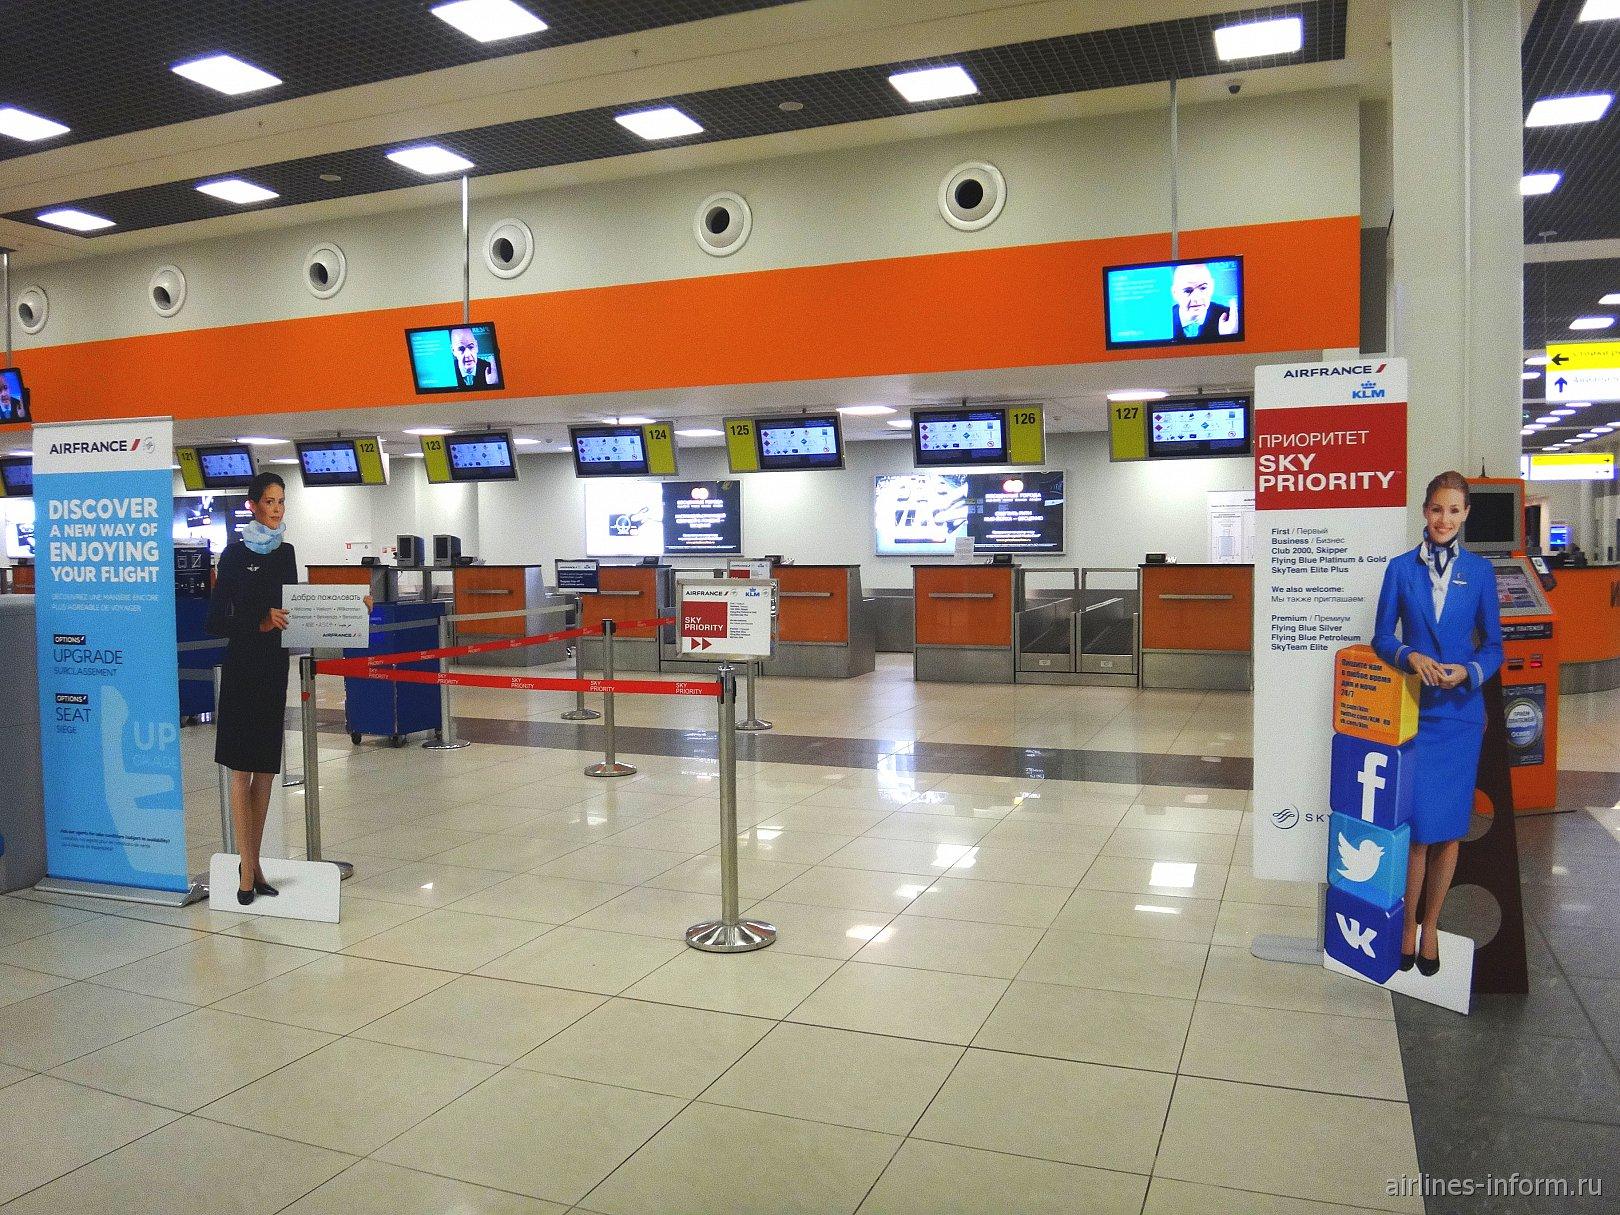 Стойки регистрации на рейсы Air France/KLM в терминале Е аэропорта Шереметьево